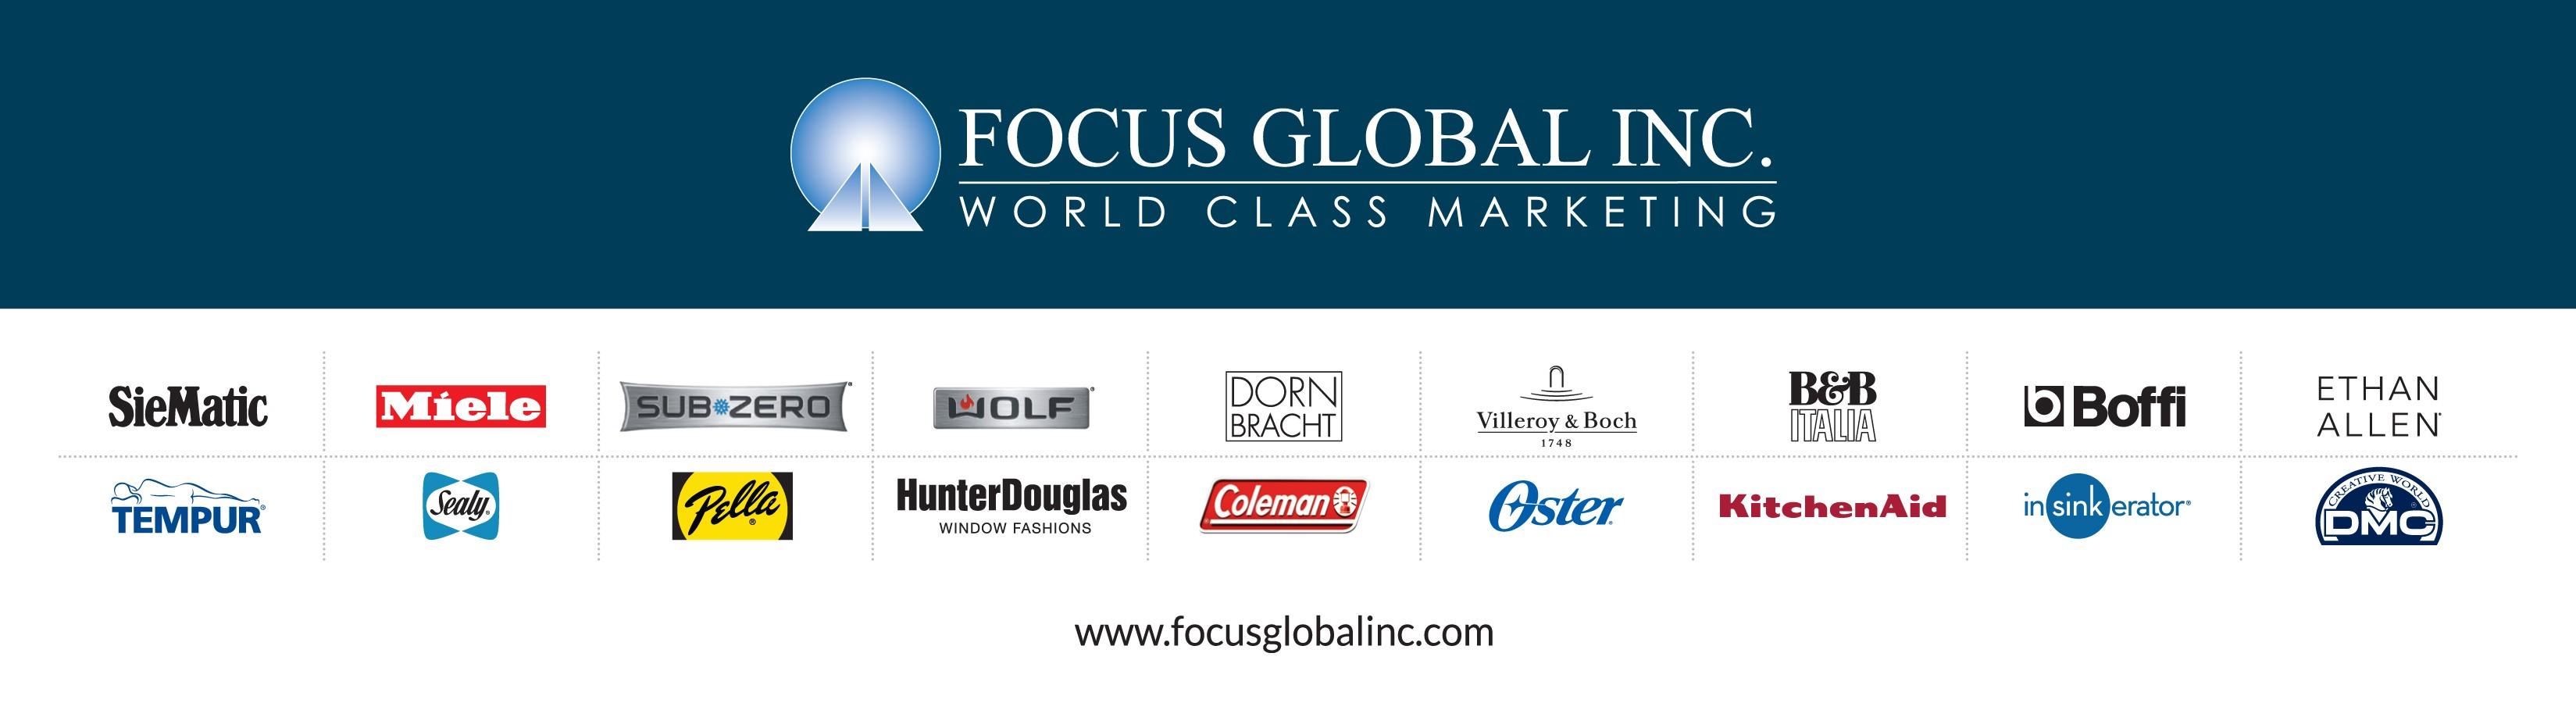 Focus Global Inc.